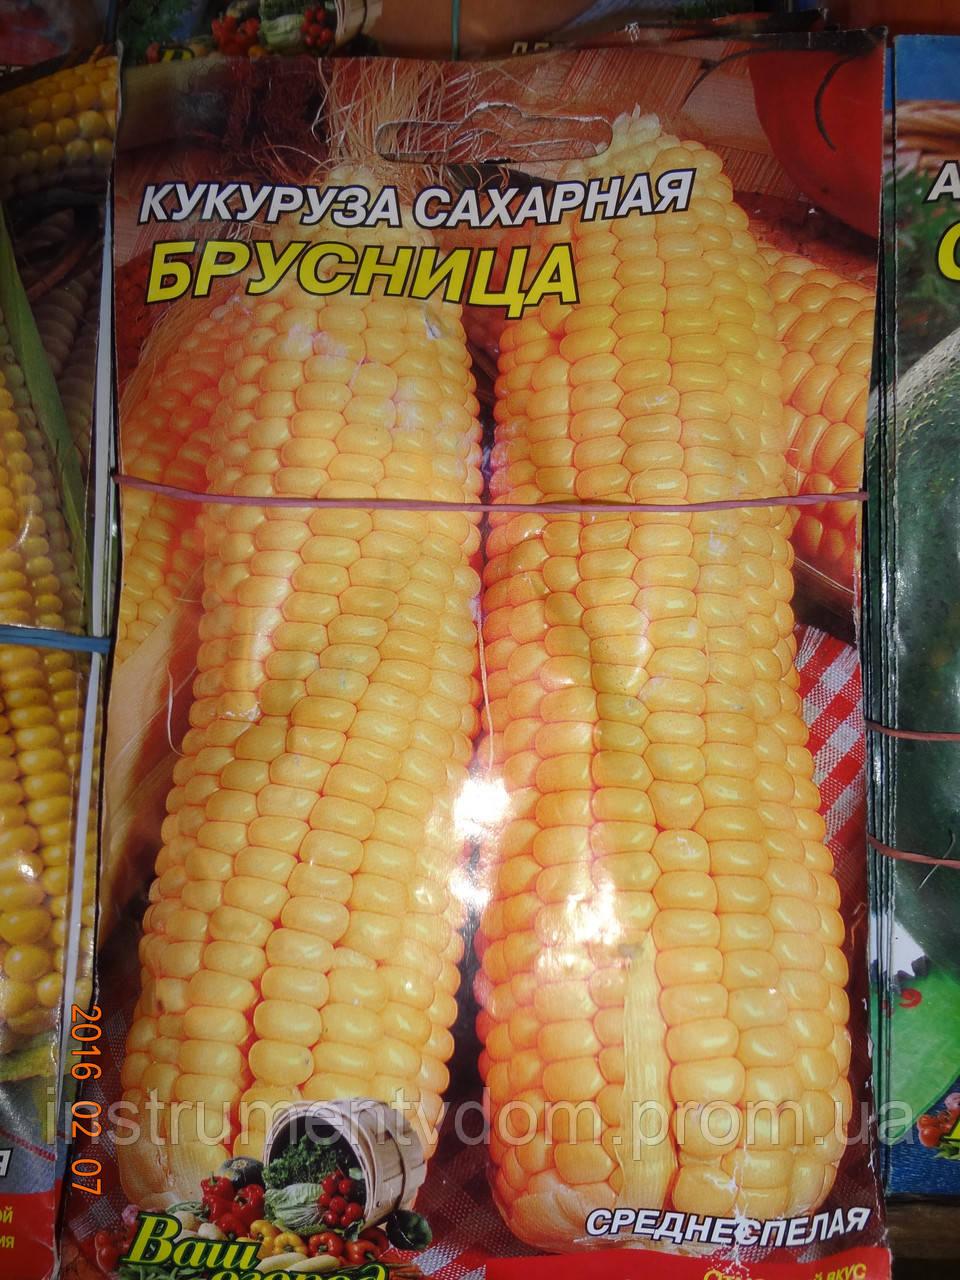 """Семена кукурузы сахарной """"Брусница"""" ТМ Ваш огород (упаковка 10 пачек)"""